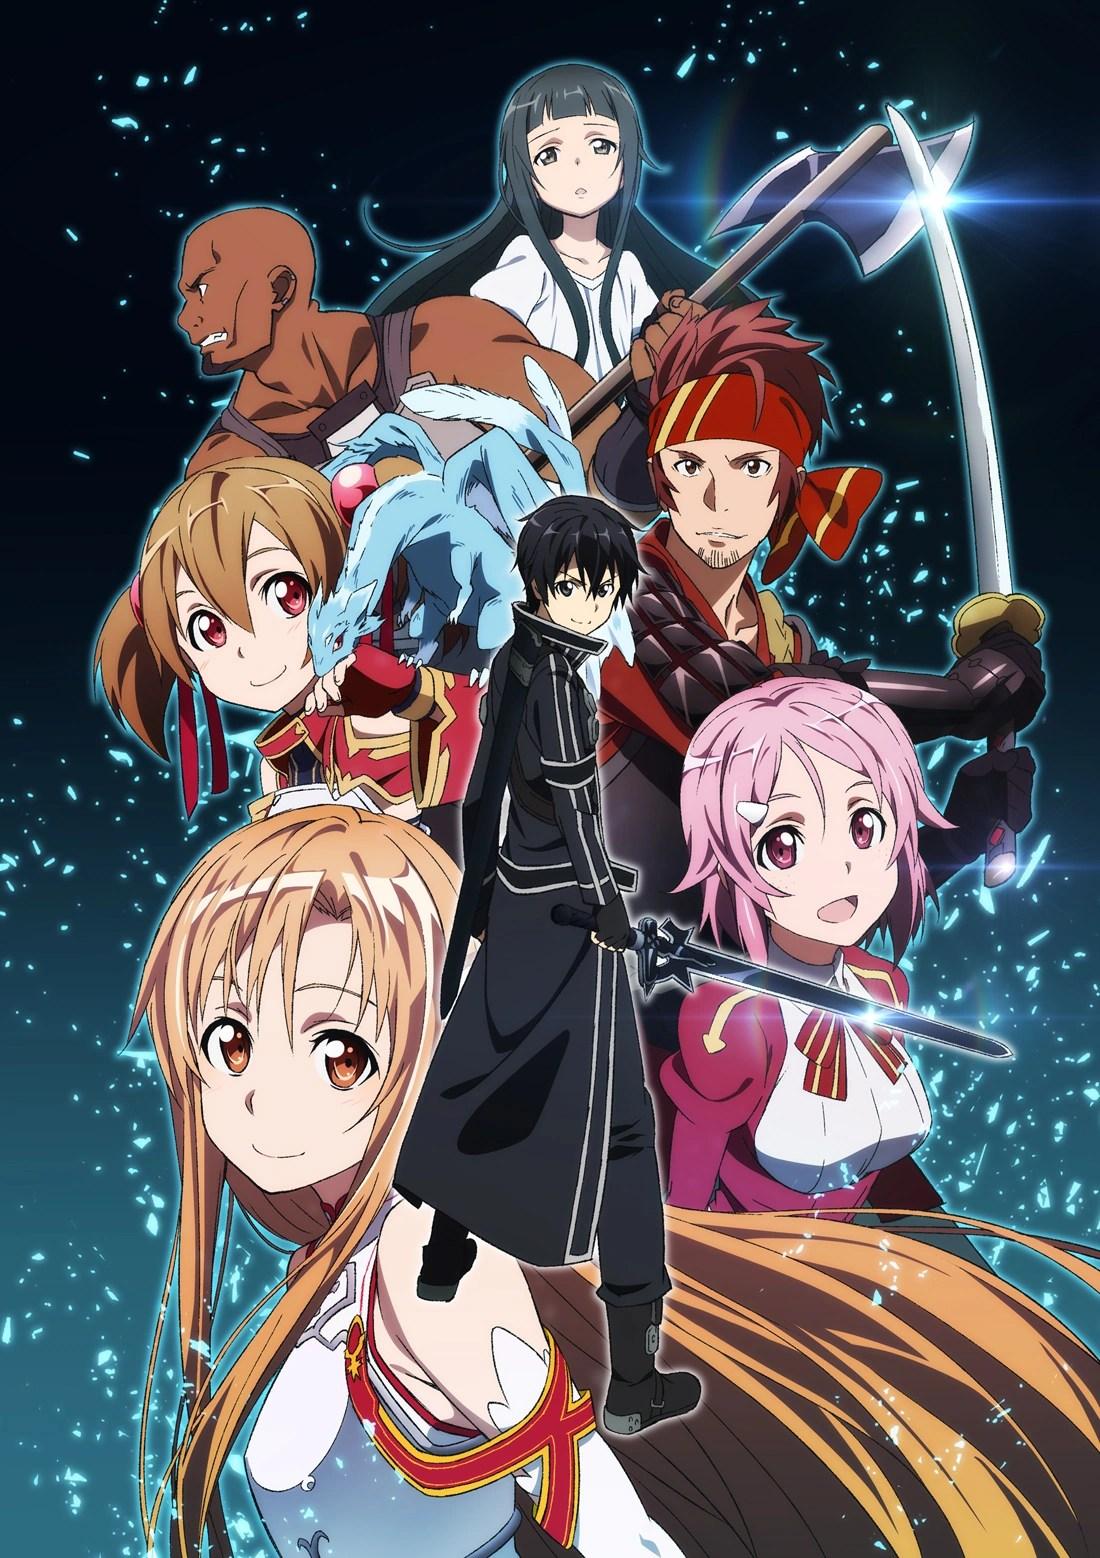 Sword Art Online 2 Aincrad : sword, online, aincrad, Aincrad, Sword, Online, Fandom